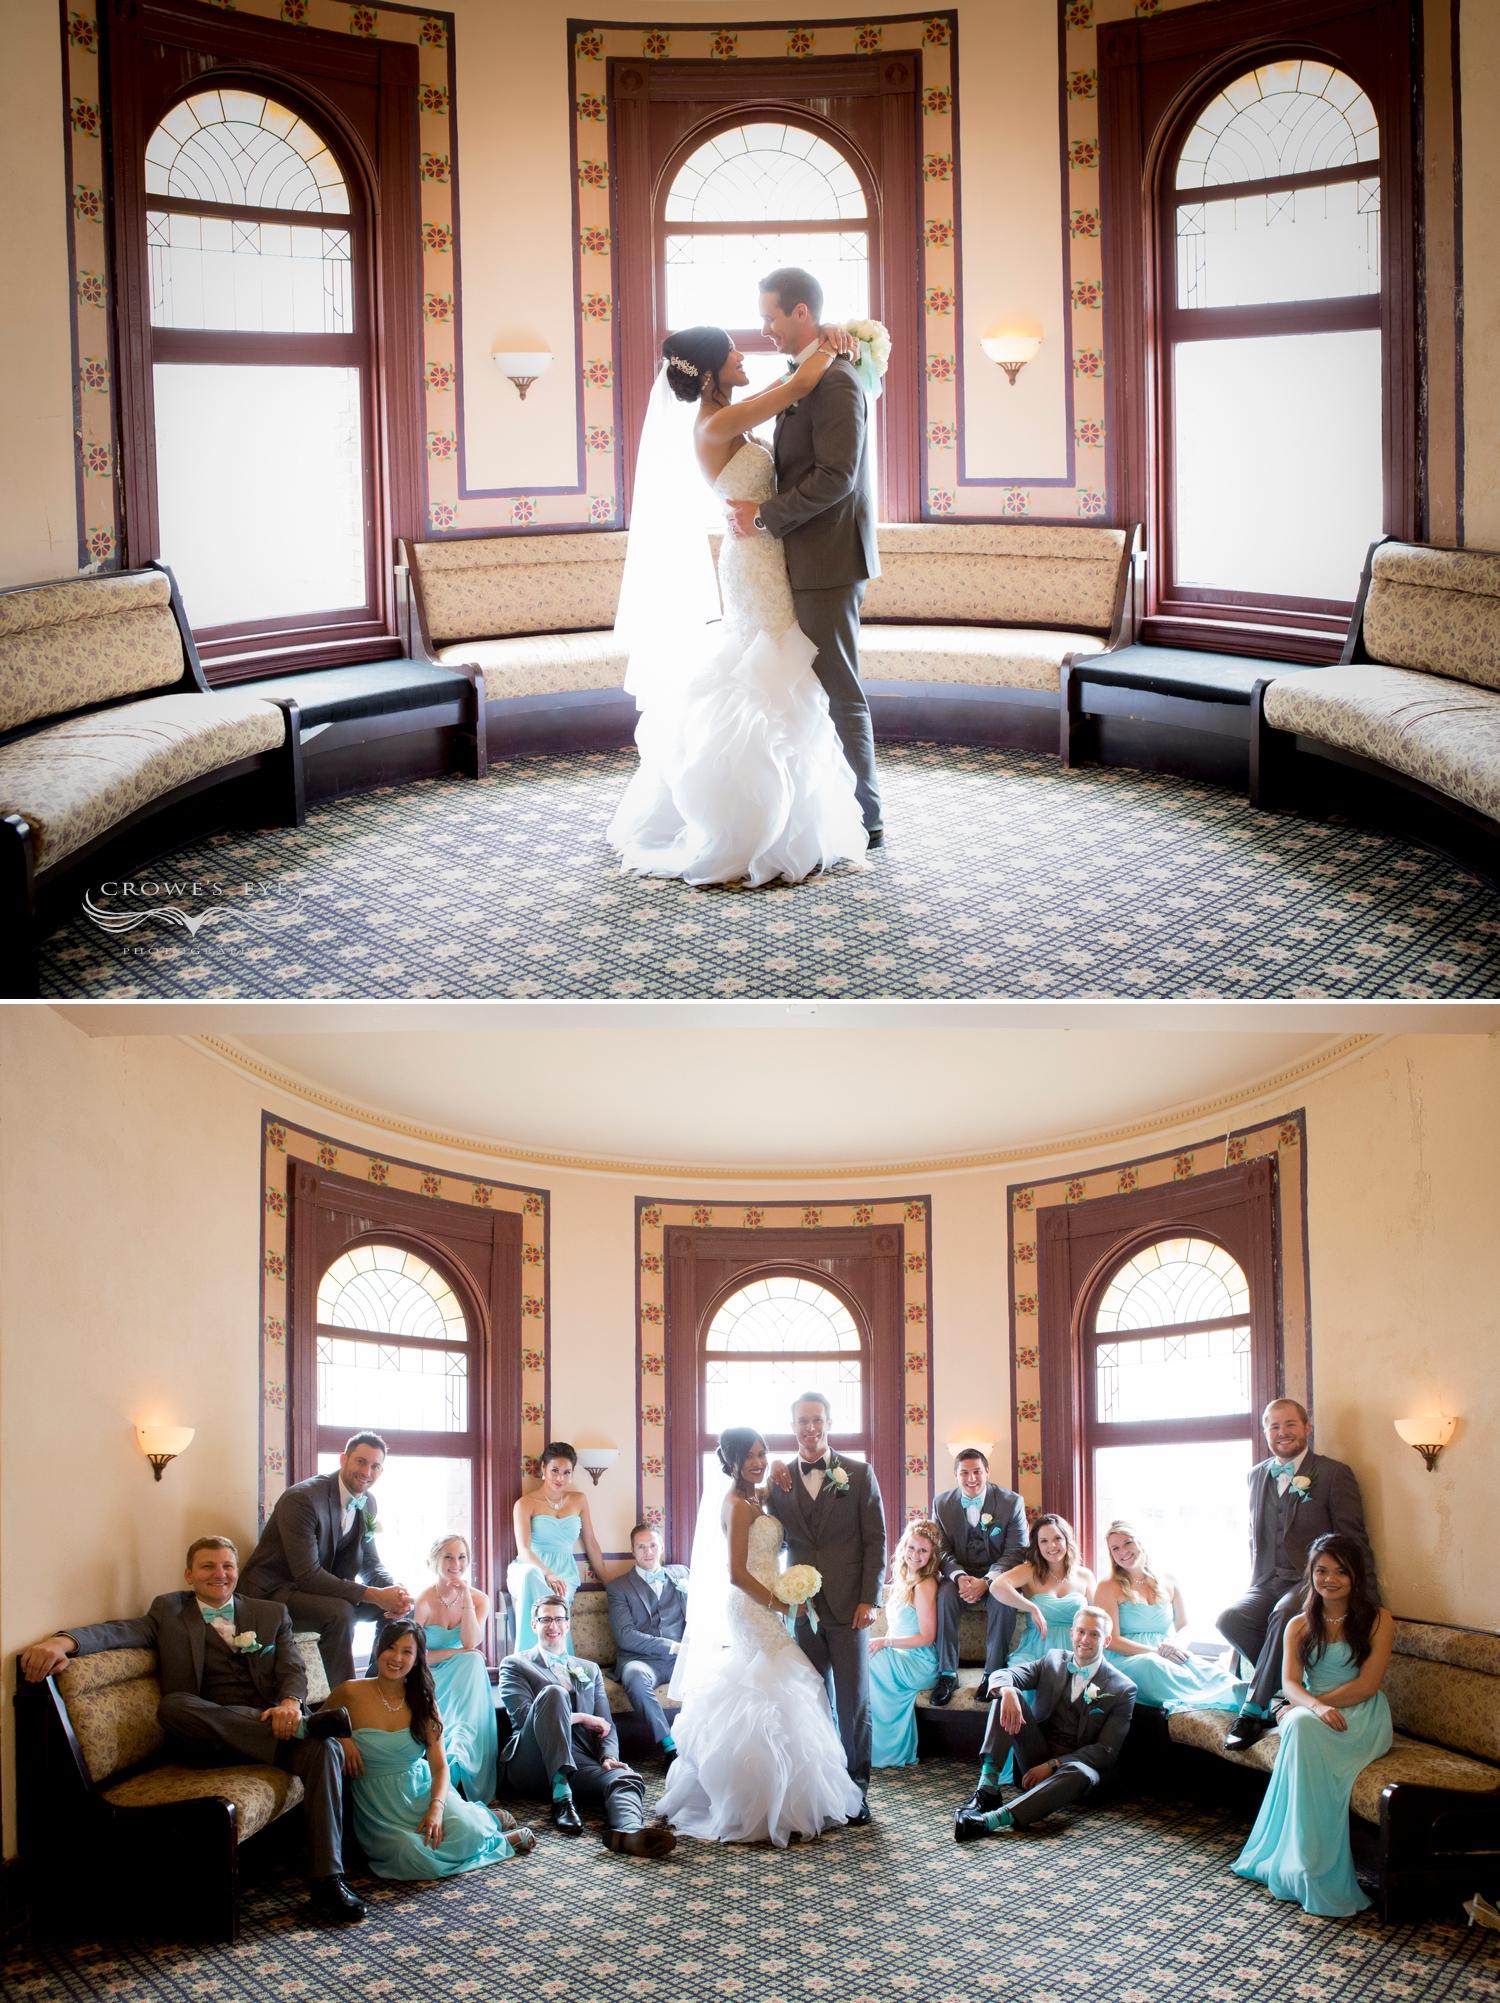 Crowne Plaza Indianapolis Wedding